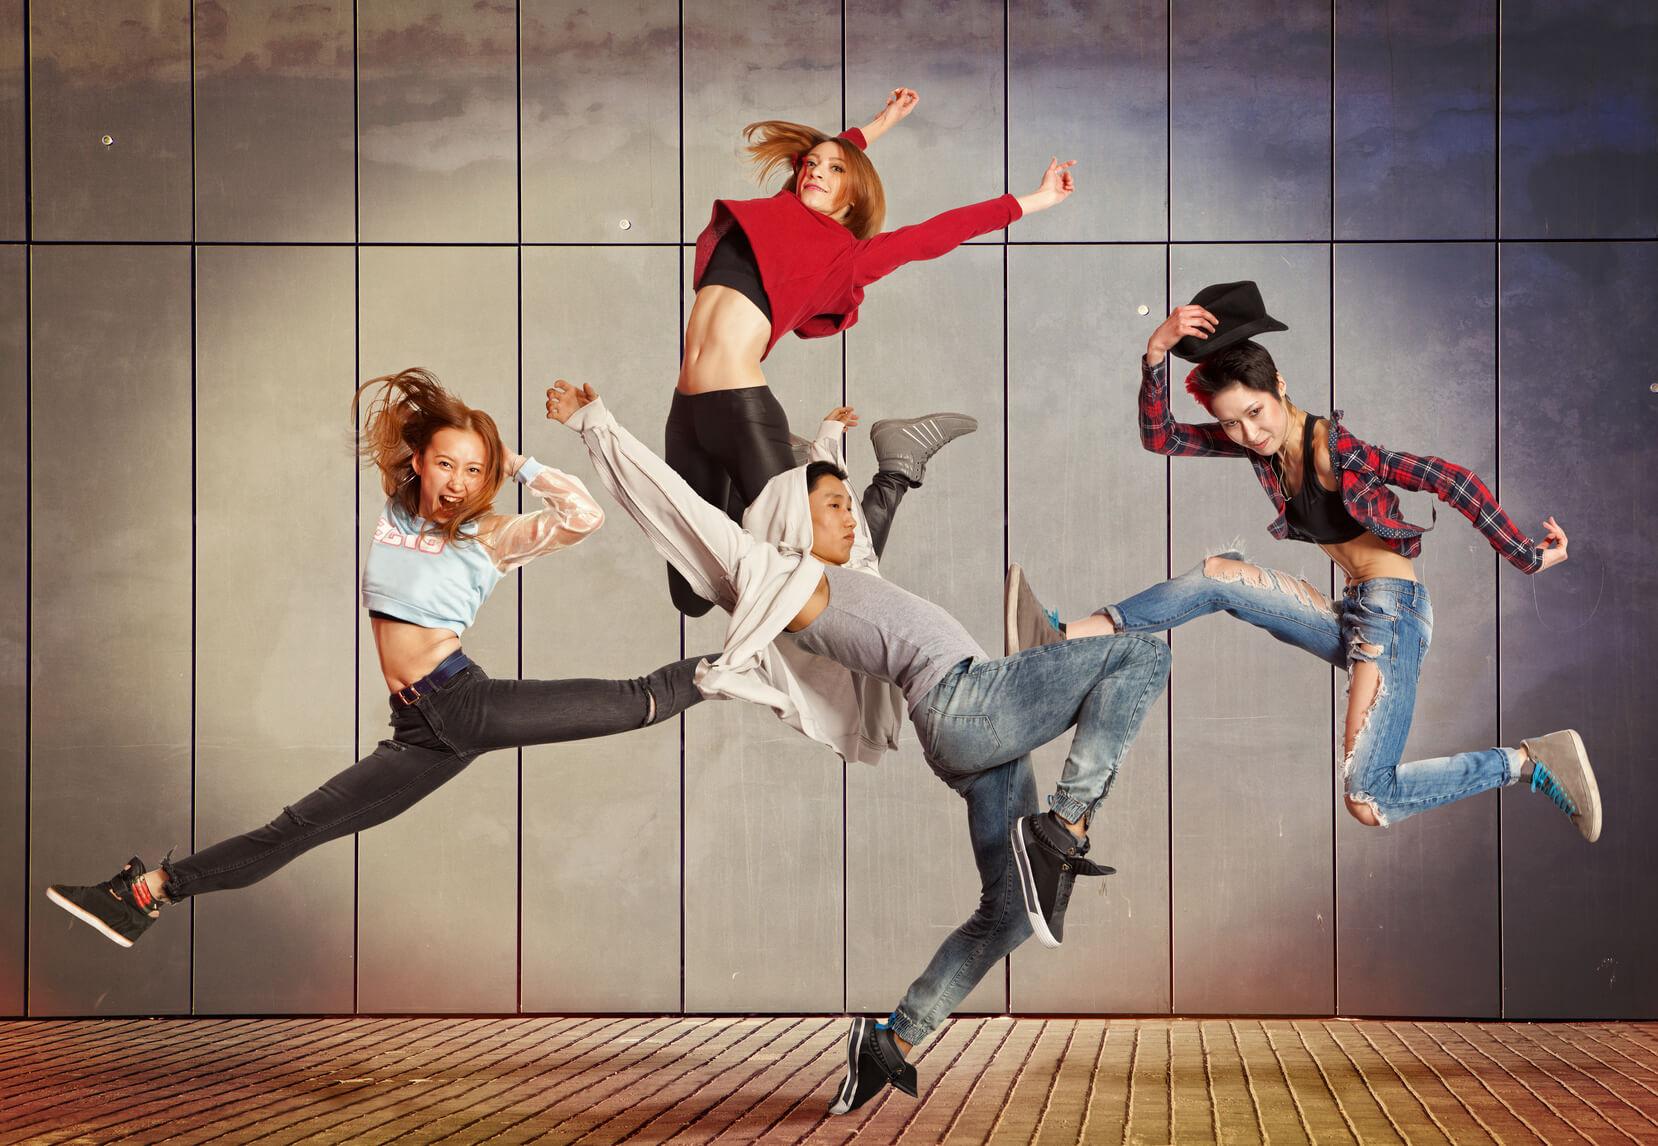 Actualmente, muchas personas acuden a una academia de baile con el fin de  asistir a clases de hip hop. Esta corriente que nació en Estados Unidos, ...